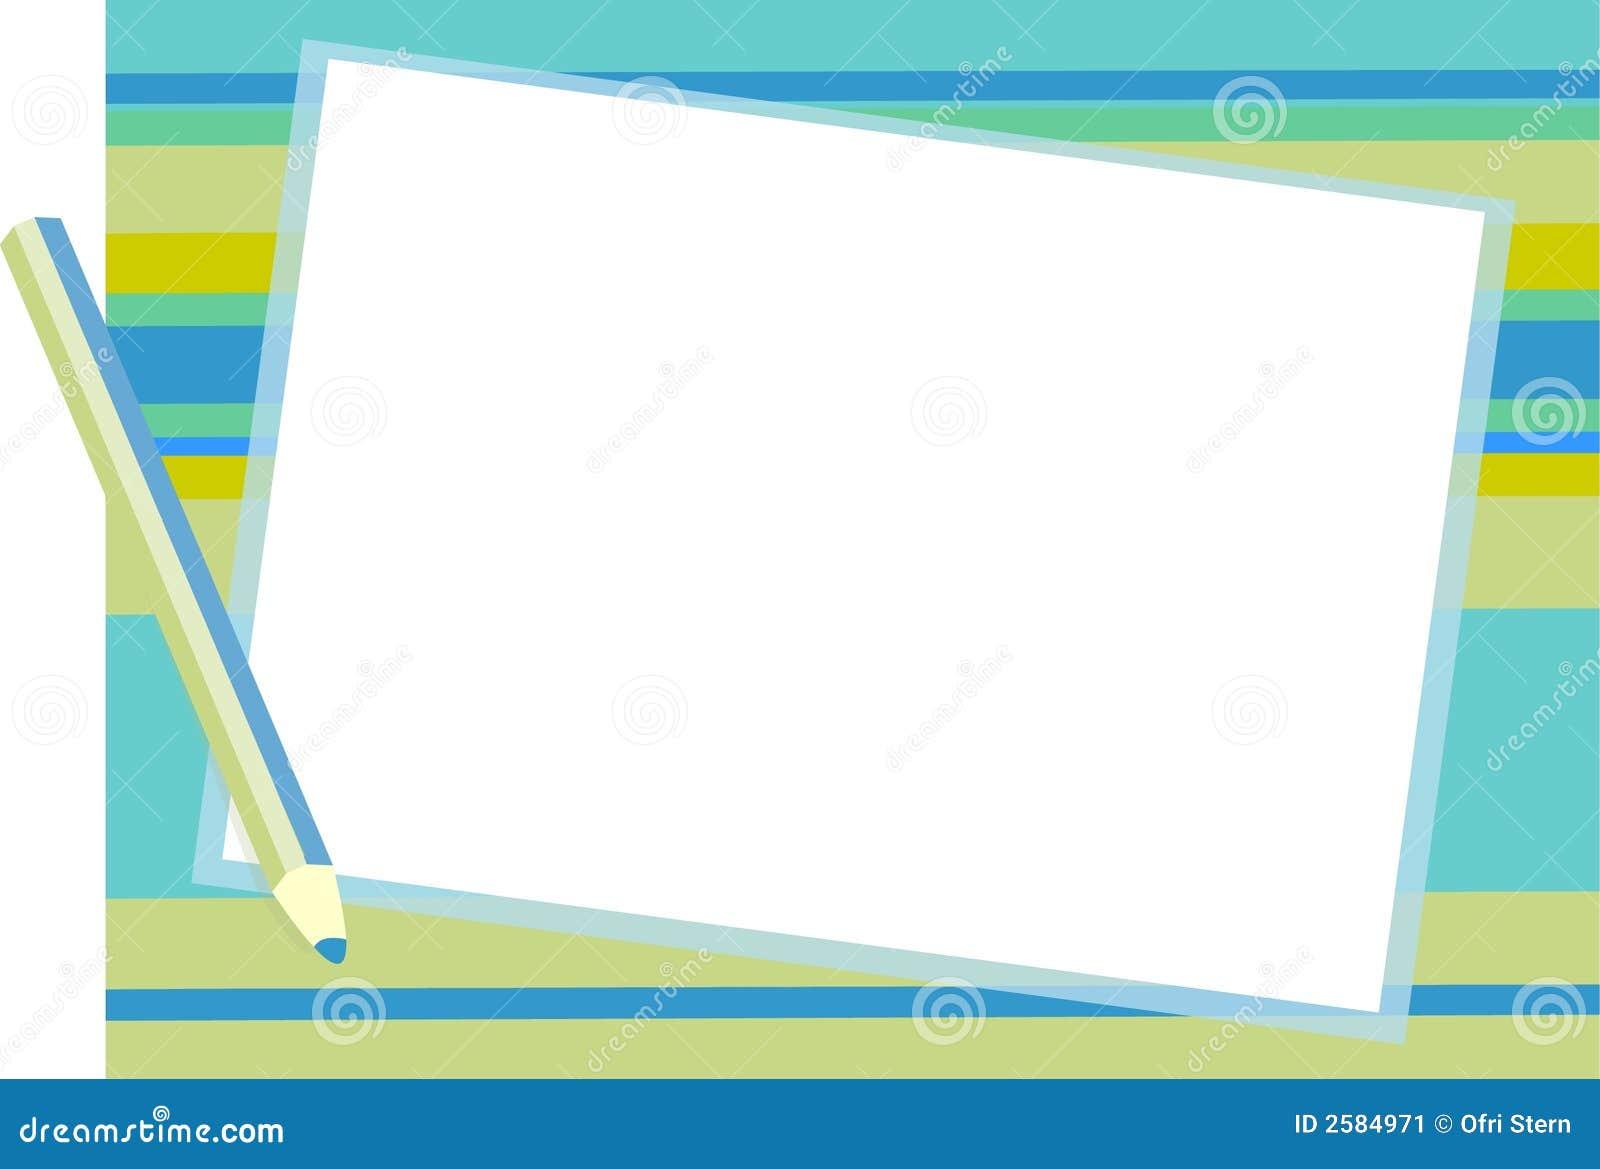 Blue Writing Pad Background Stock Image - Image: 2584971